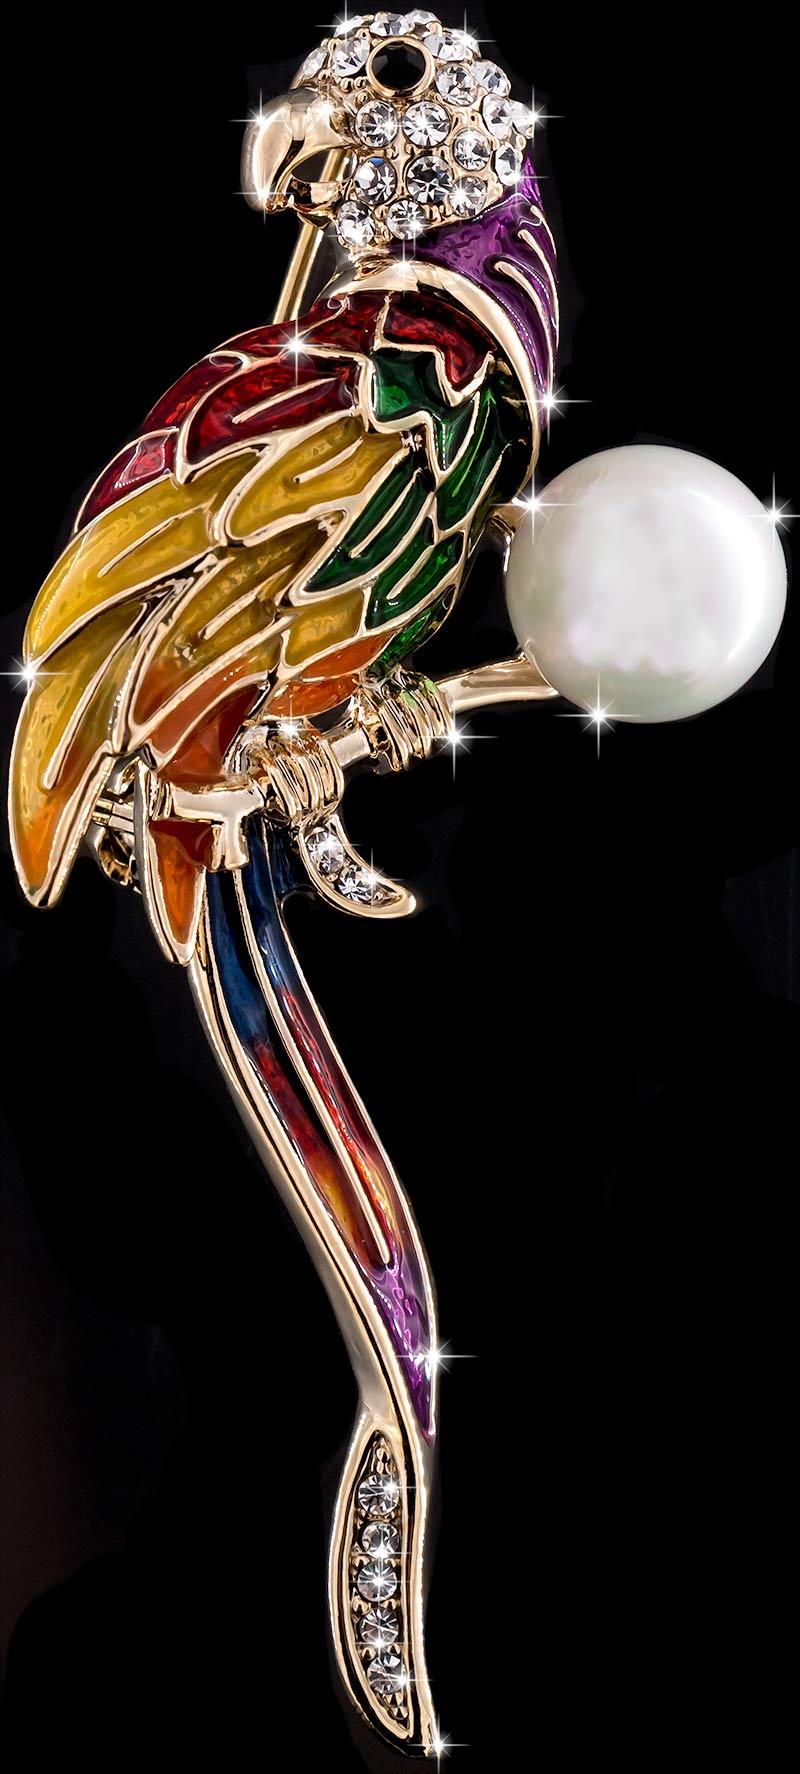 Brosche Papagei goldfarben mit bunten Federn, einer Perle und vielen weissen Strass Steinen BR048 oben